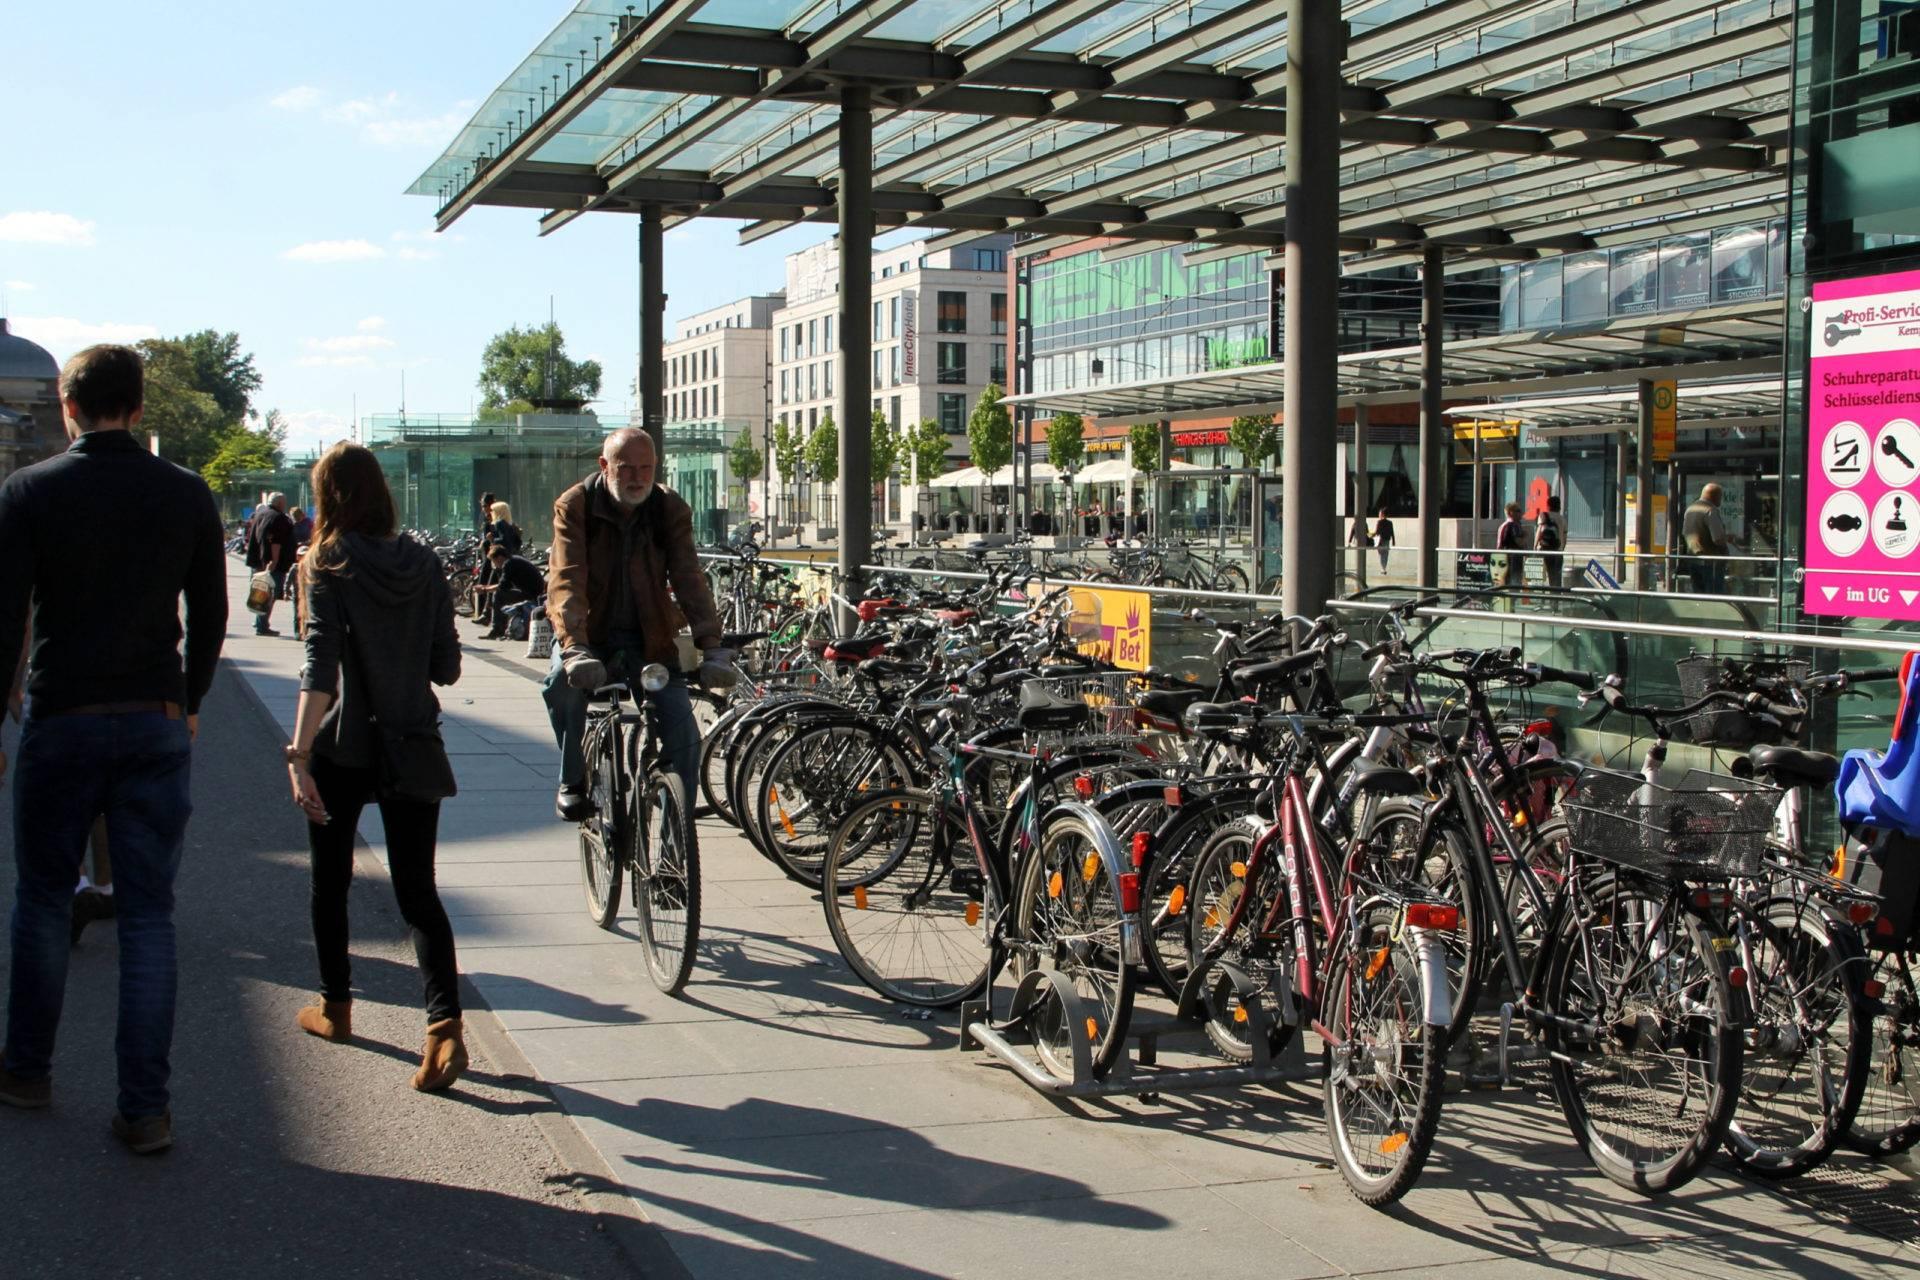 Велосипеды в германии: велосипедные дорожки и парковки